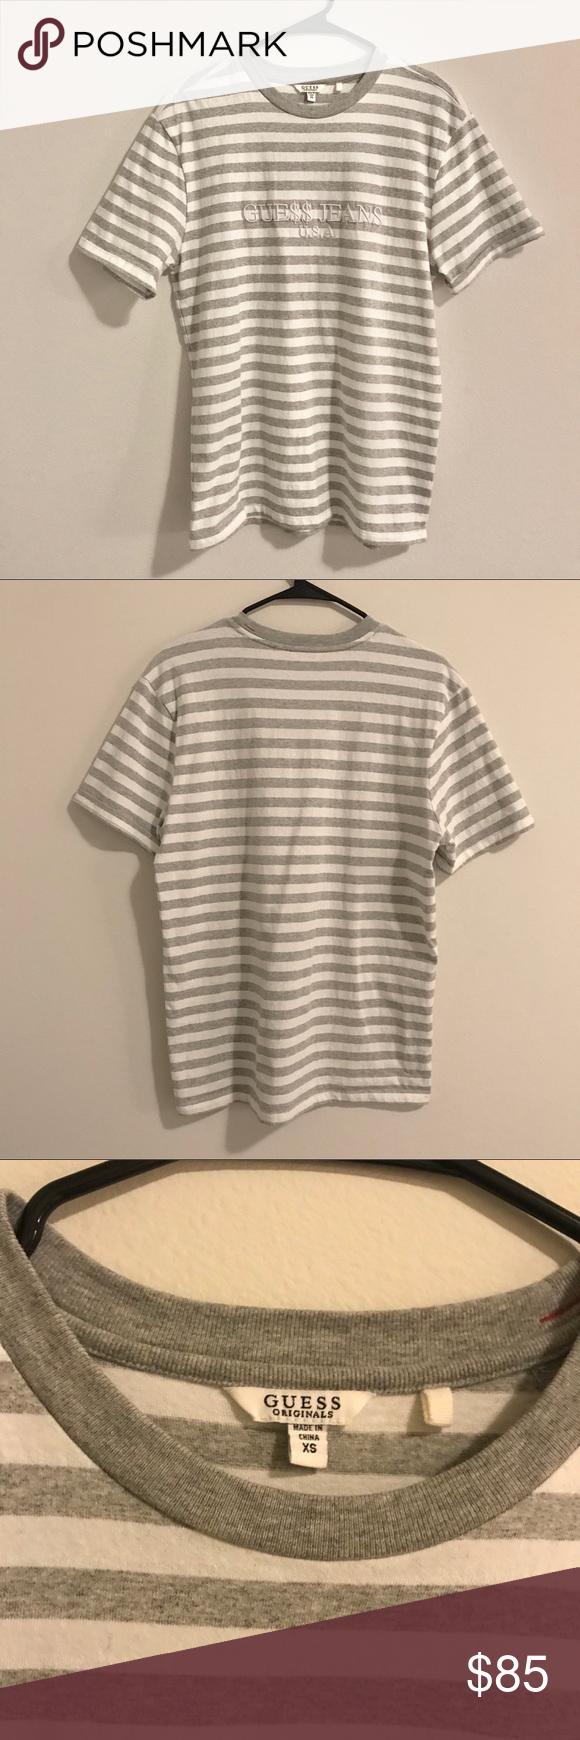 c95dae5efb Guess T Shirt Mens Asap